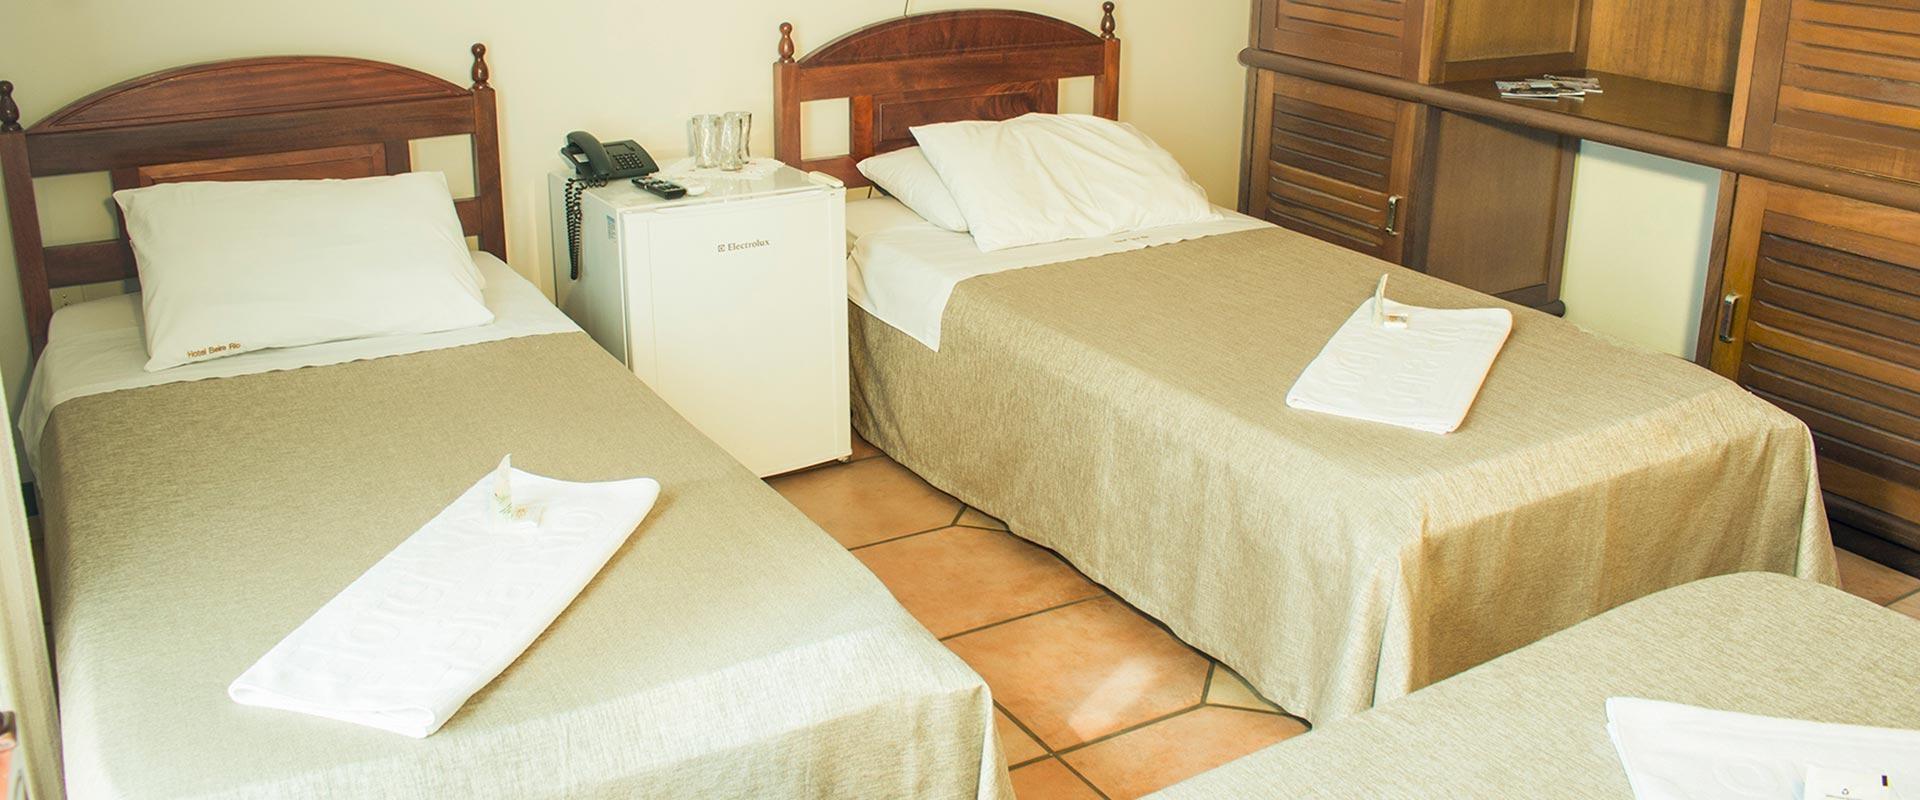 hotel-brusque-quarto-triplo1